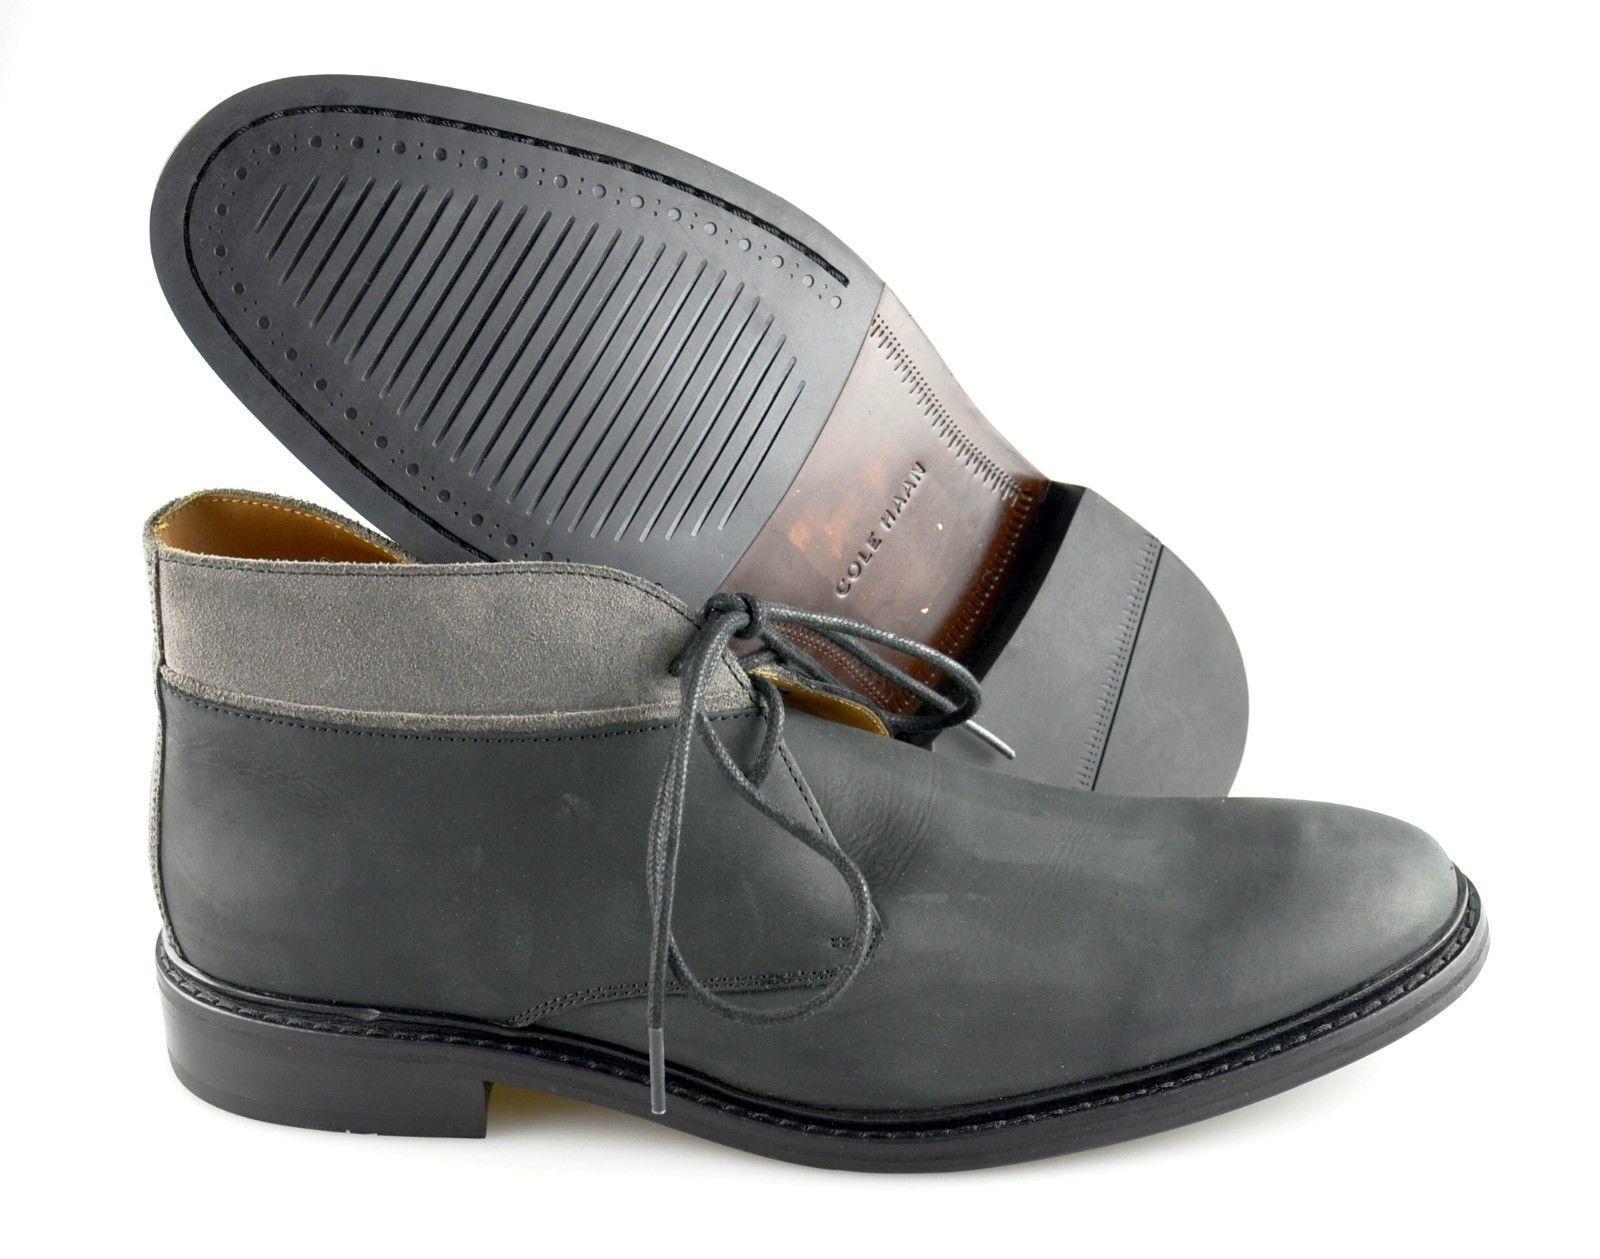 Para Hombres Cole Haan 'Colton' Cuero gris Llano Toe Chukka botas Talla EE. UU. 11-D